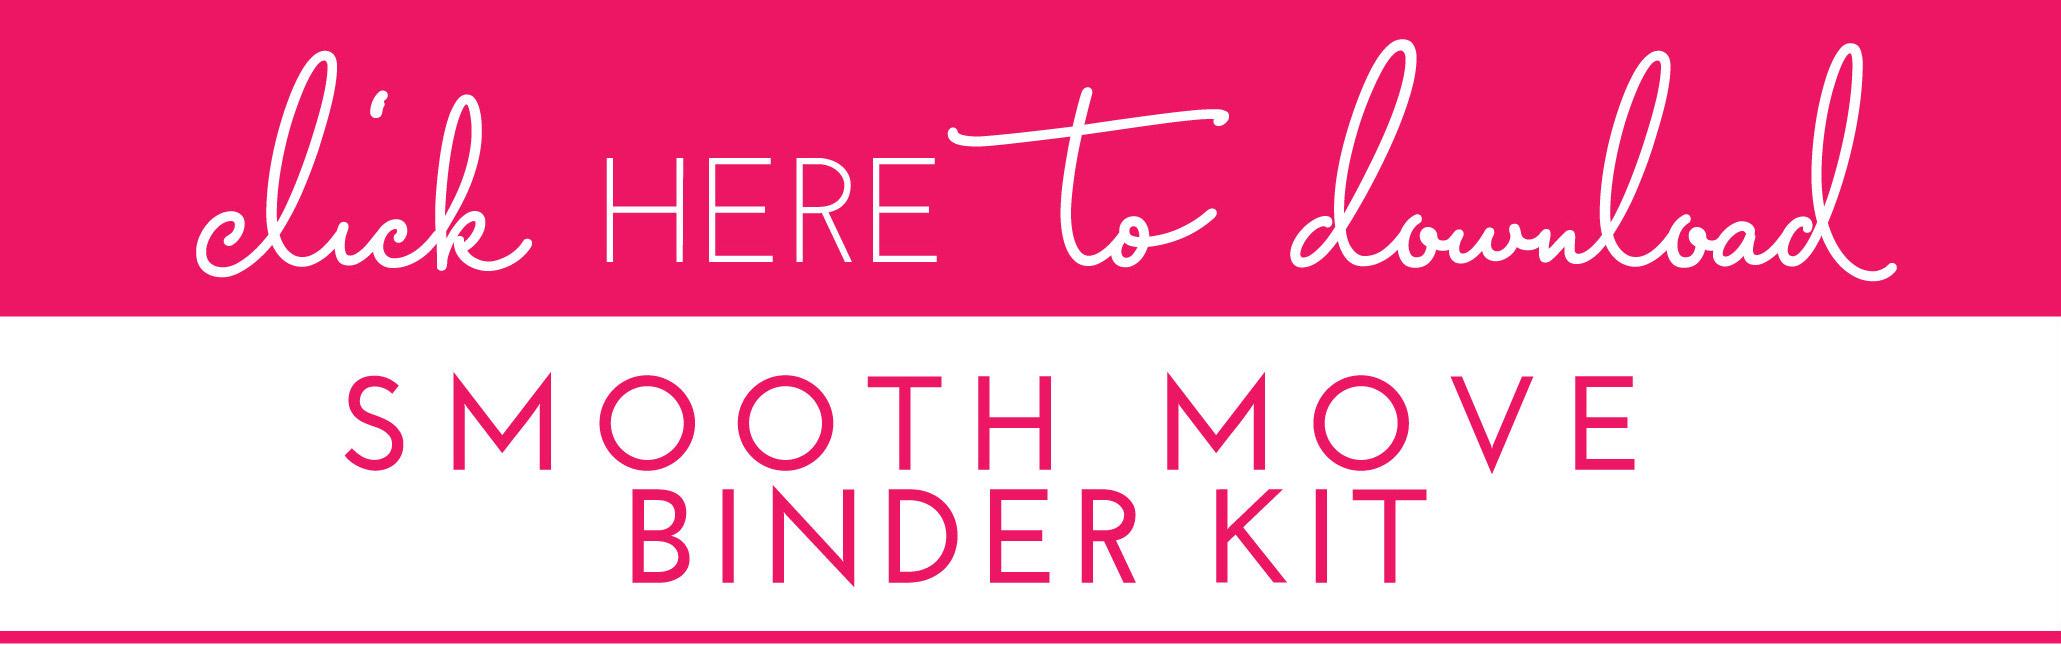 Smooth Move Binder Kit Download